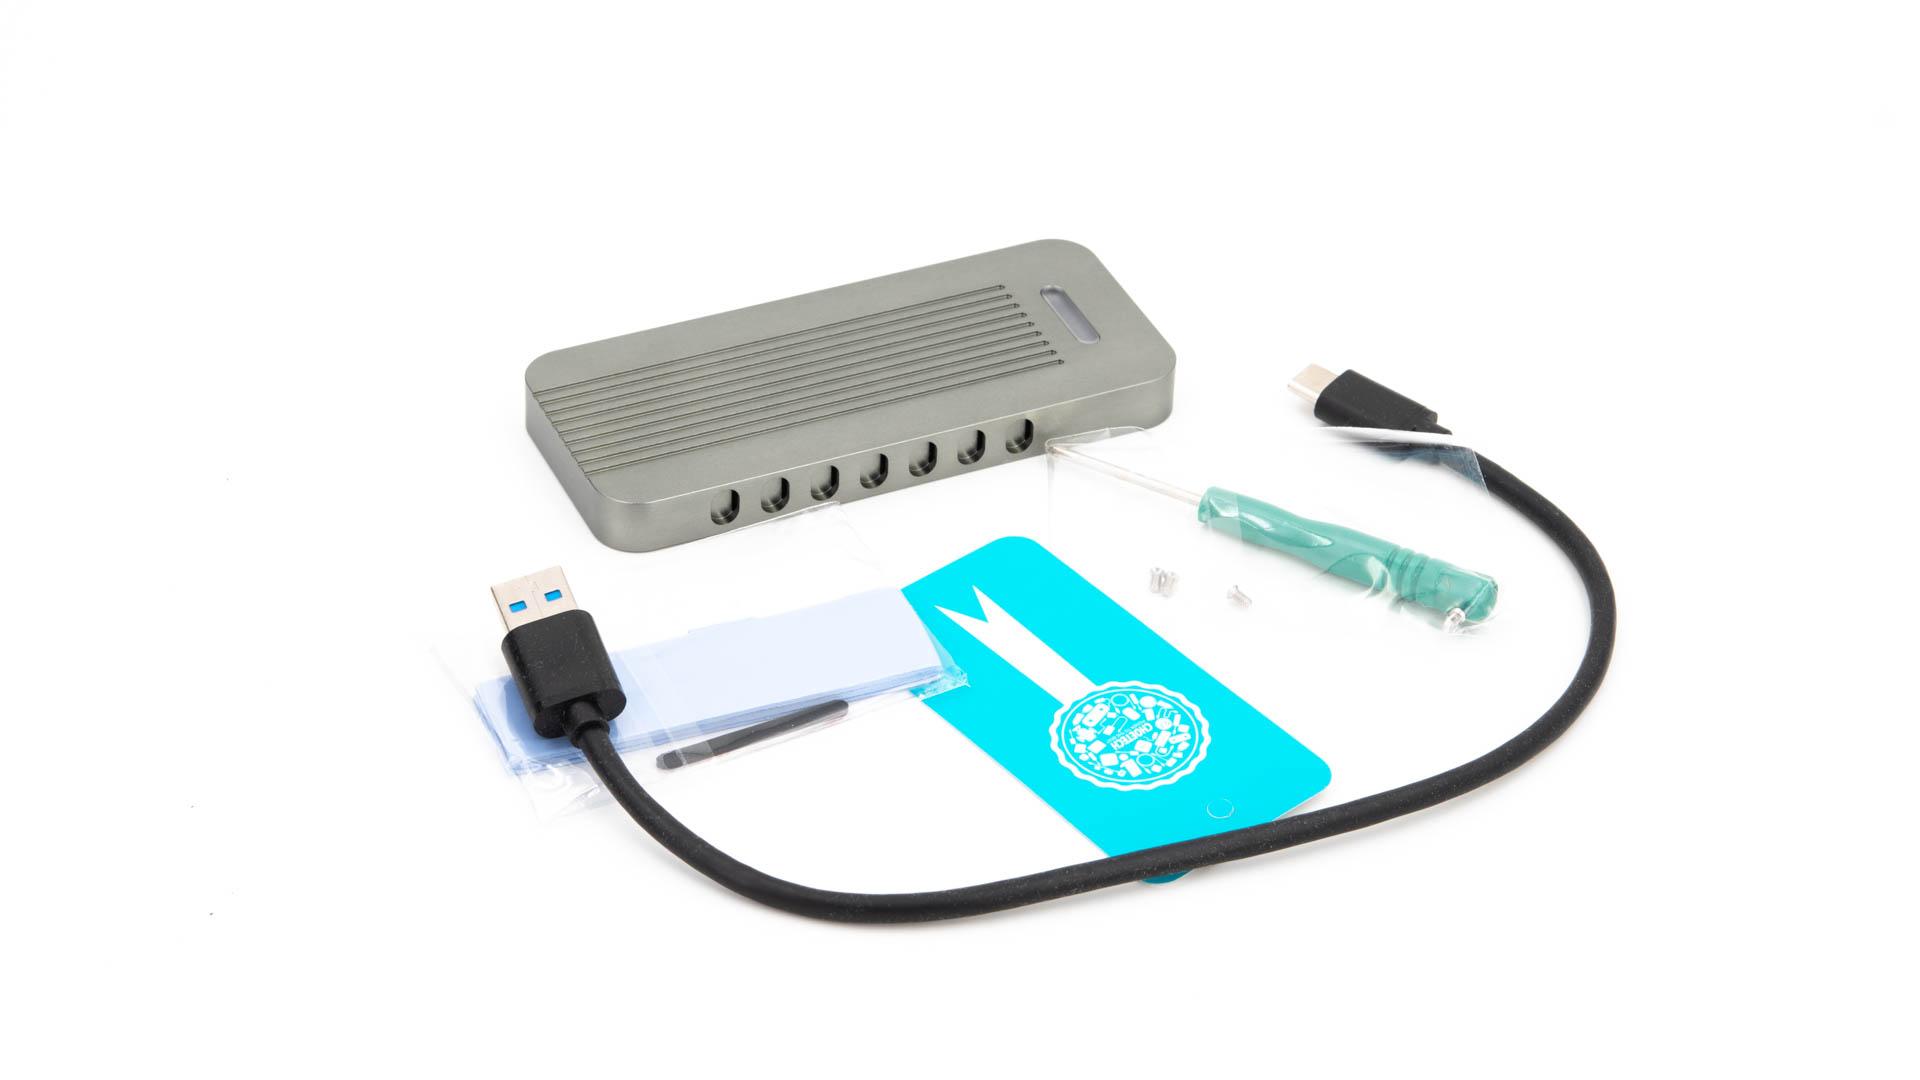 Das CHOETECH USB 3 1 Type-C auf M 2 NVMe SSD Gehäuse im Test